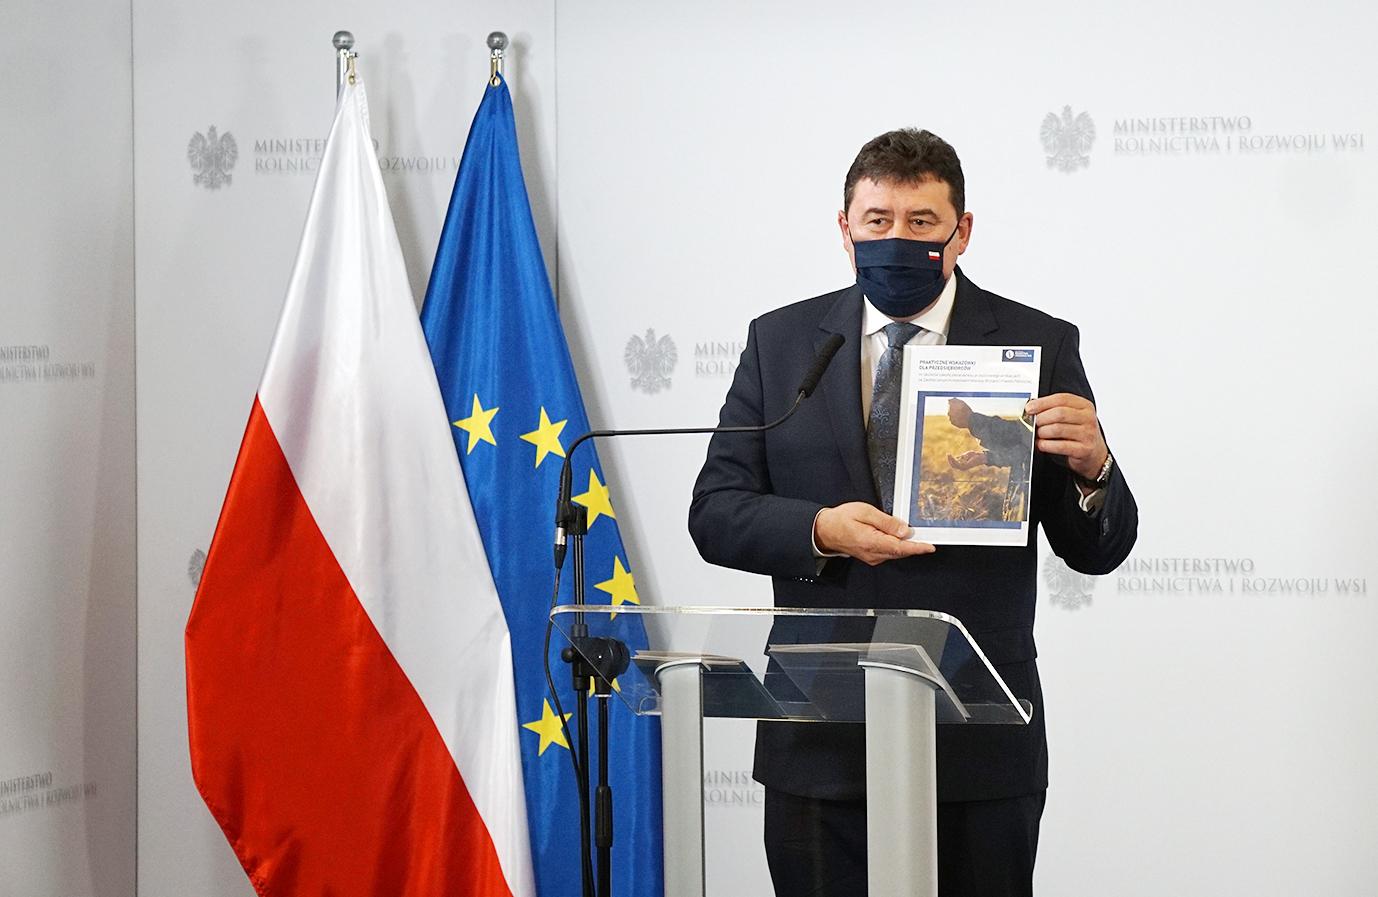 Sekretarz Stanu Ryszard Bartosik podczas konferencji na temat Brexitu